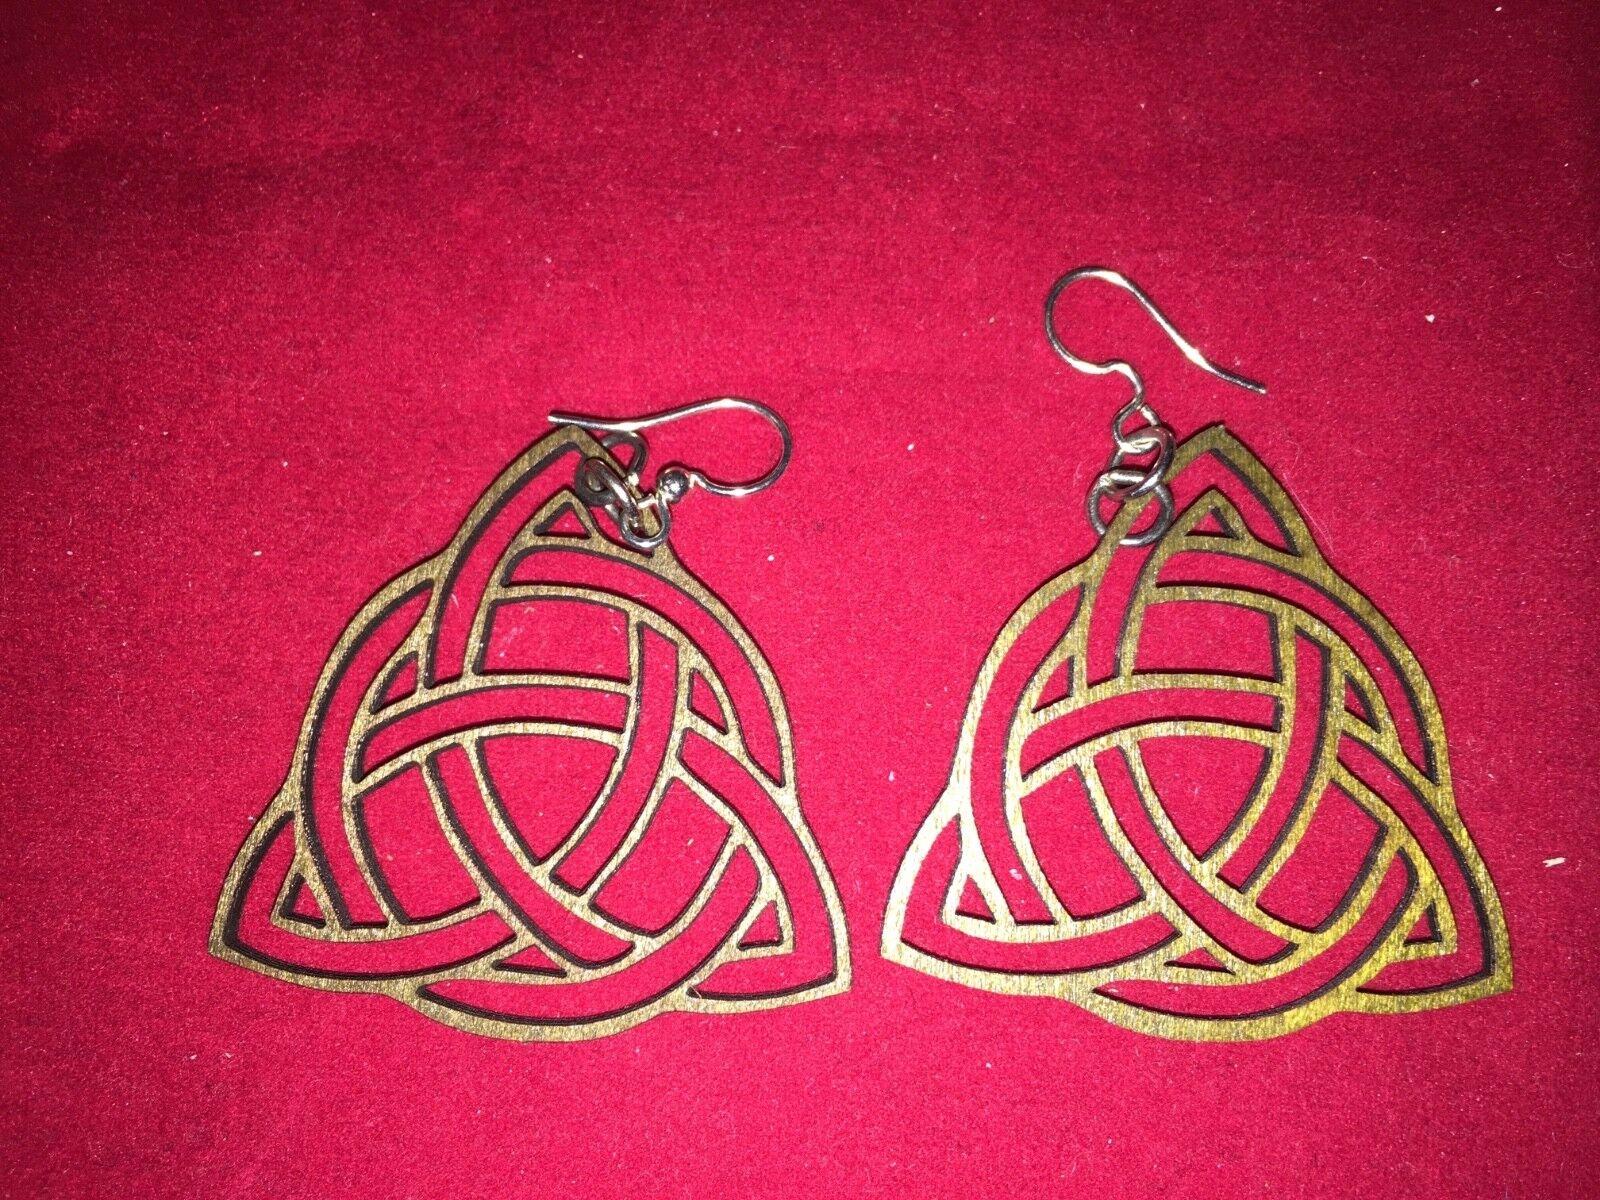 laser cut /& engraved wood lightweight dangle earrings boho chic flower fancy elegant drop wedding shower gift birch maple mandala earrings